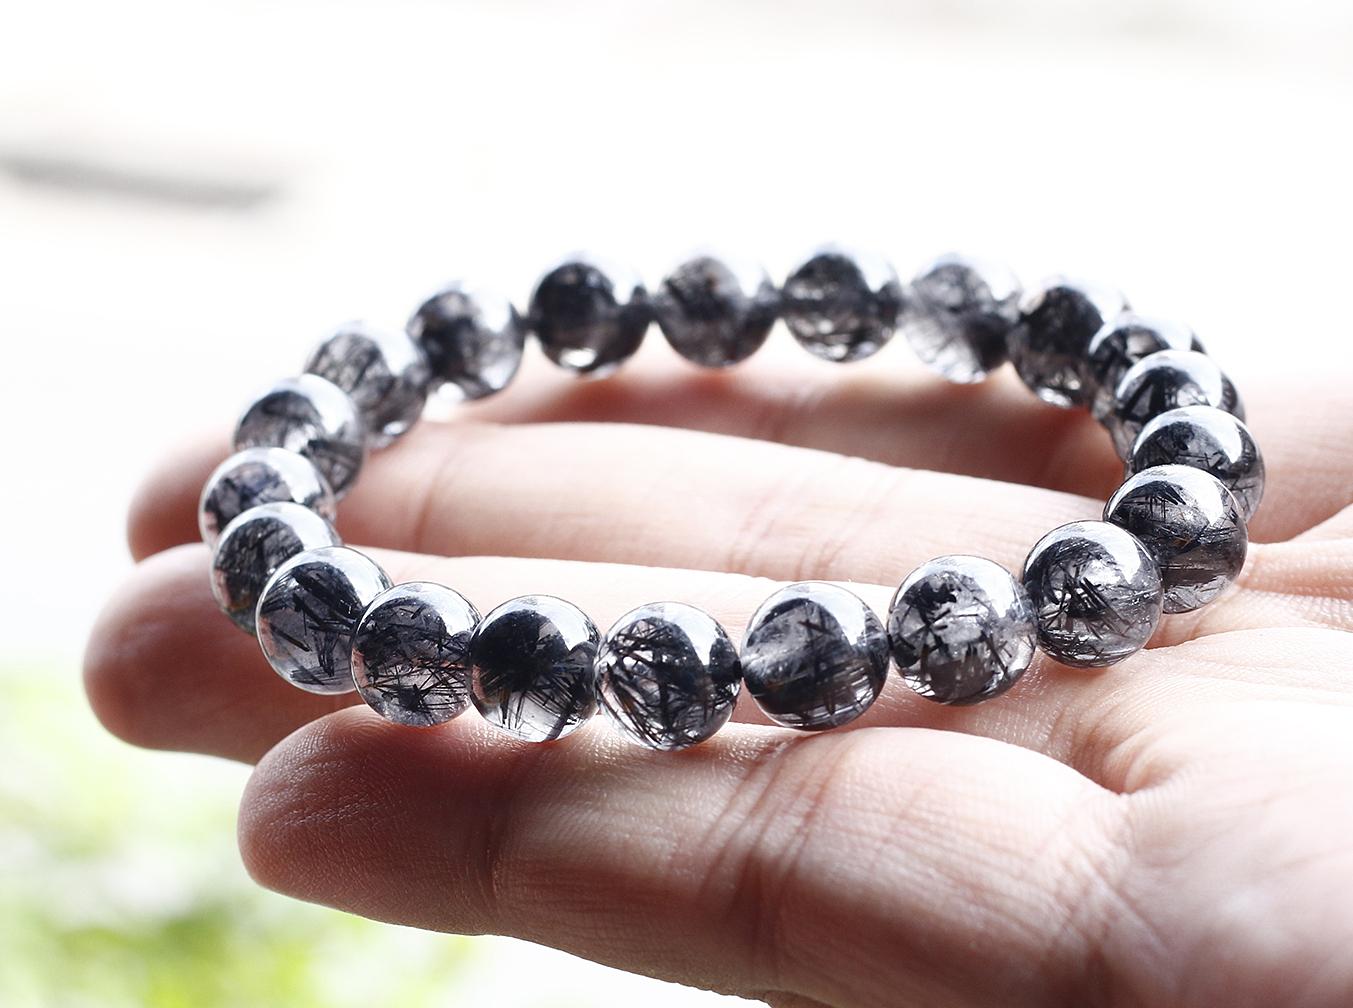 Vòng đá thạch anh tóc đen hạt trong nhiều tóc 8 mm Ngọc Qúy Gemstones giảm 38% còn 839.000 đồng; bảo hành 24 tháng.